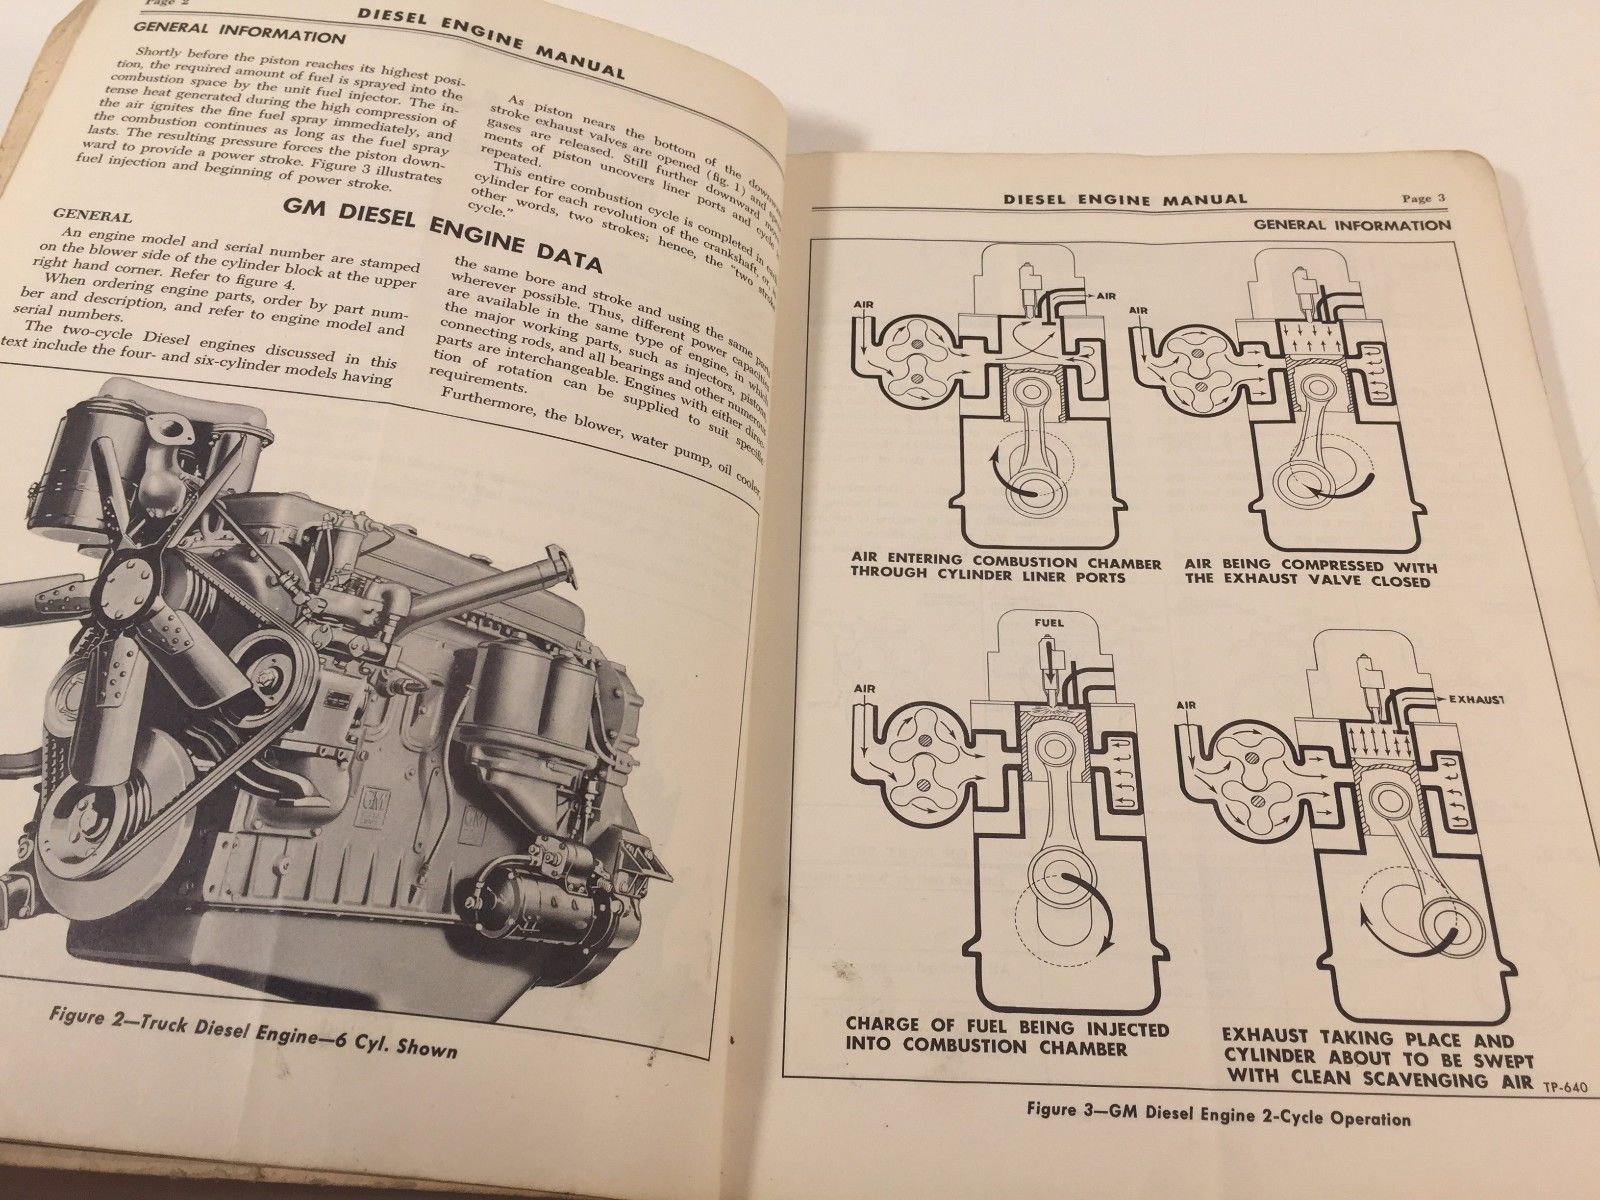 1955 GM Diesel Engine Maintenance Manual X-5510 Series 71 2-Cycle